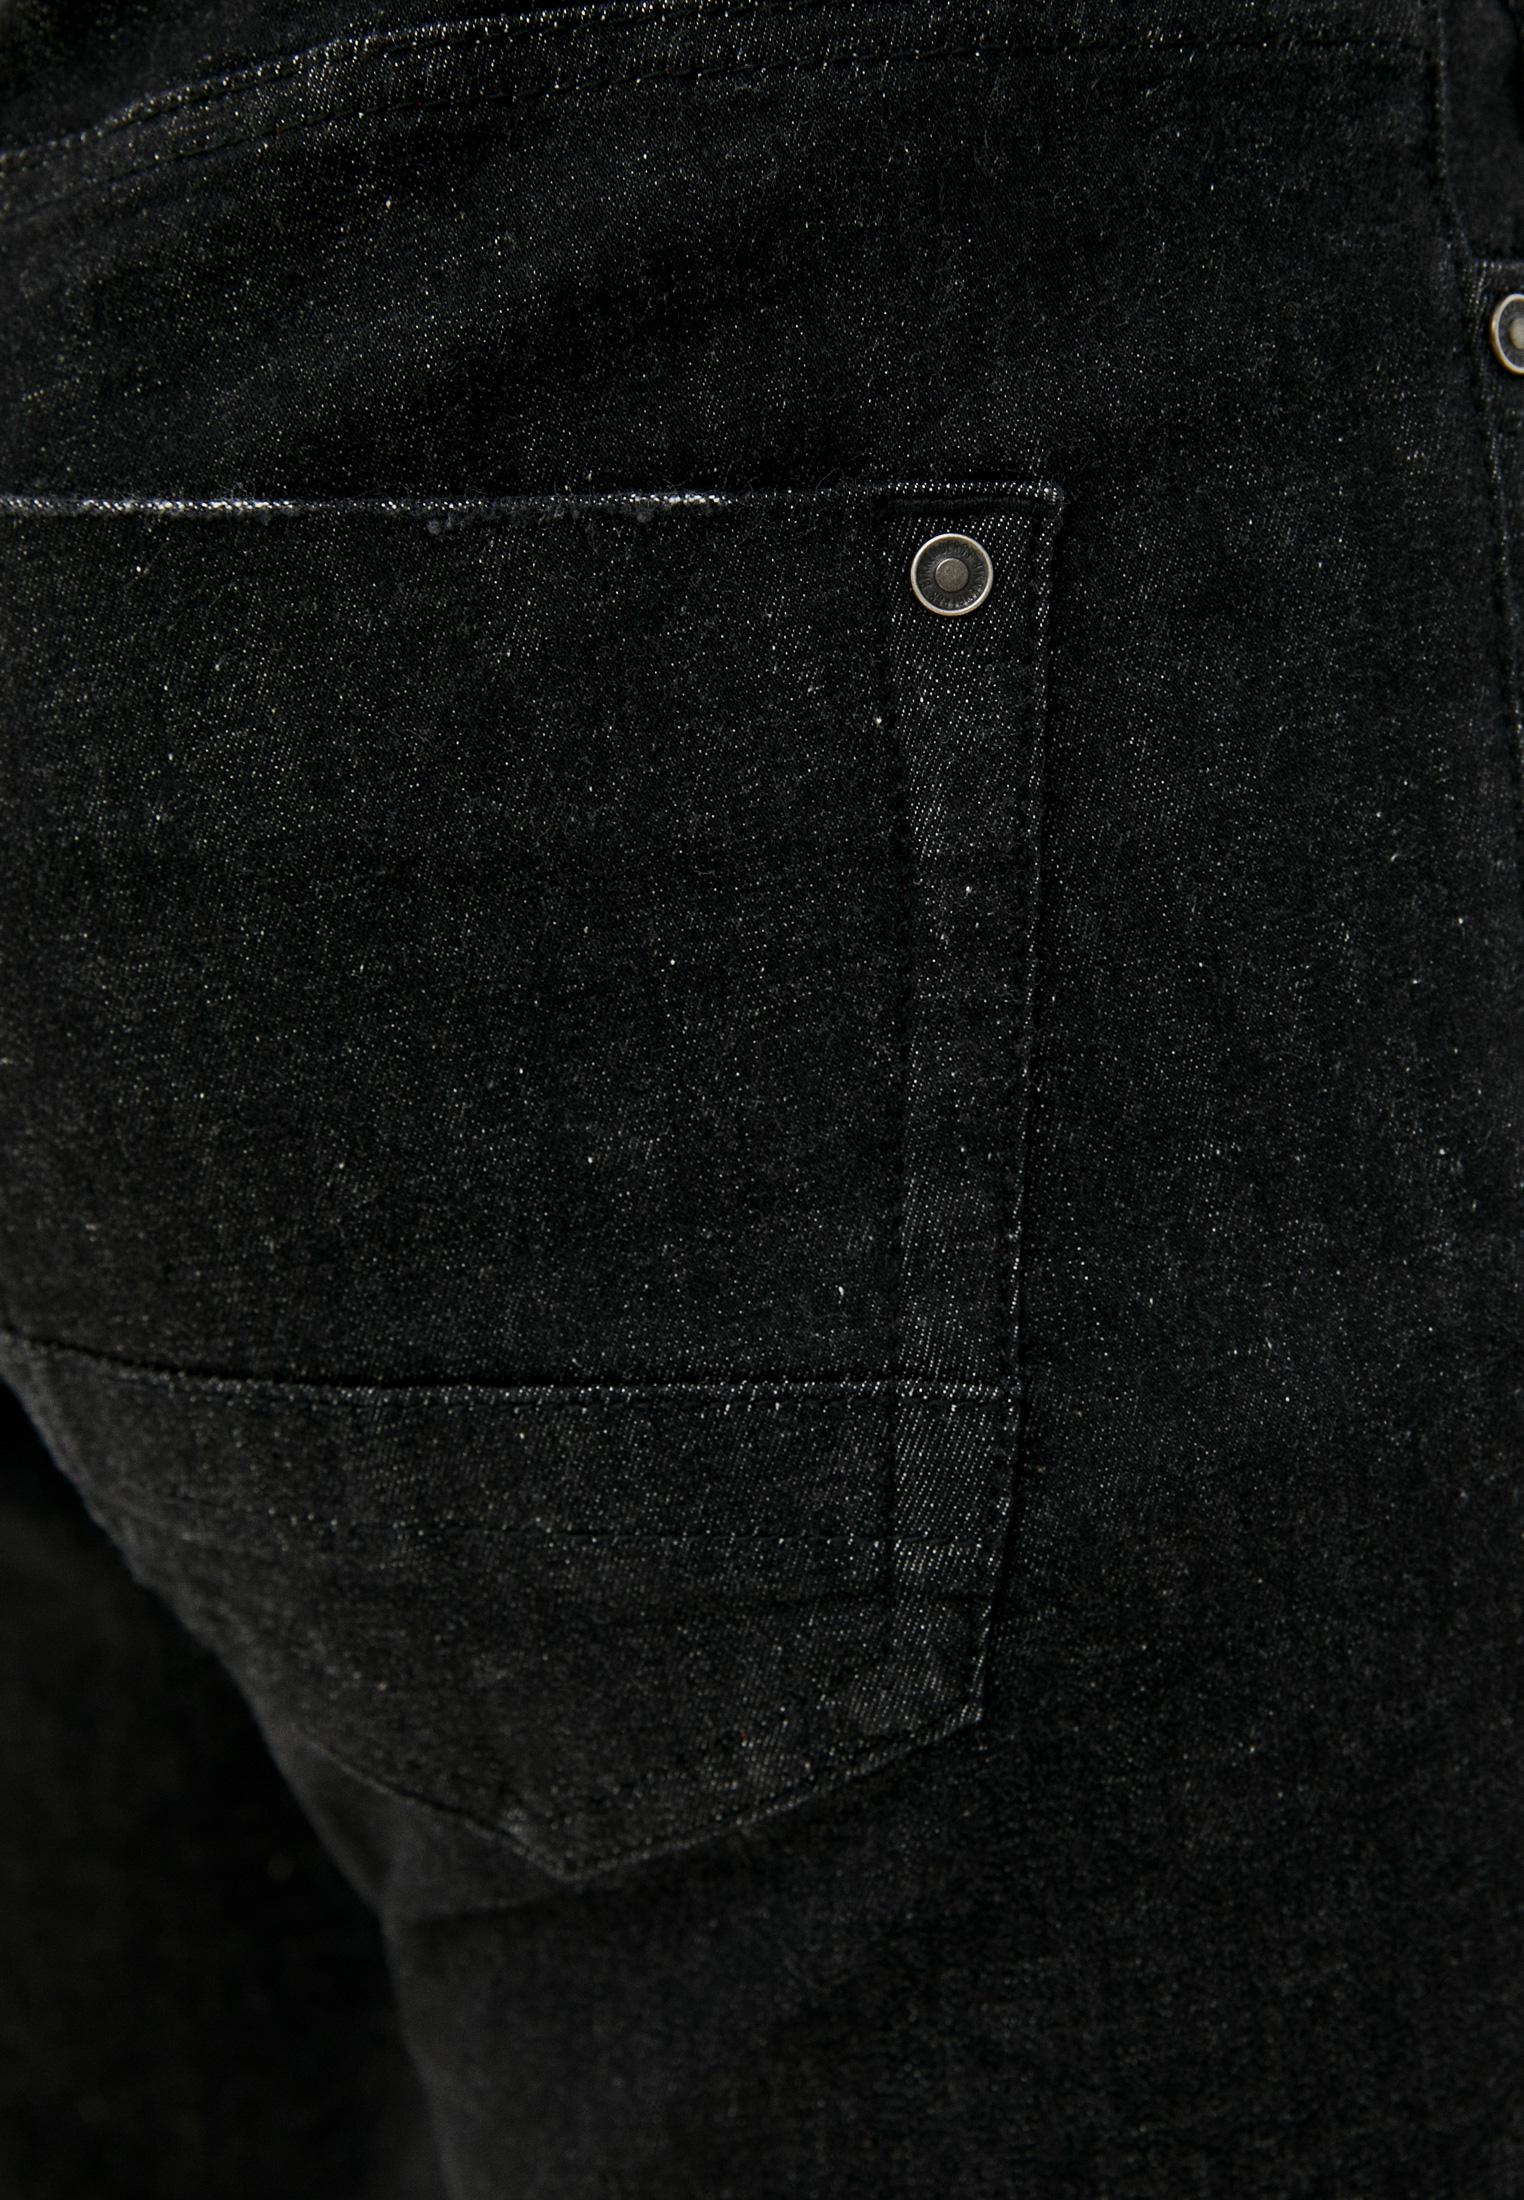 Зауженные джинсы Bikkembergs C Q 111 02 S 3446: изображение 5